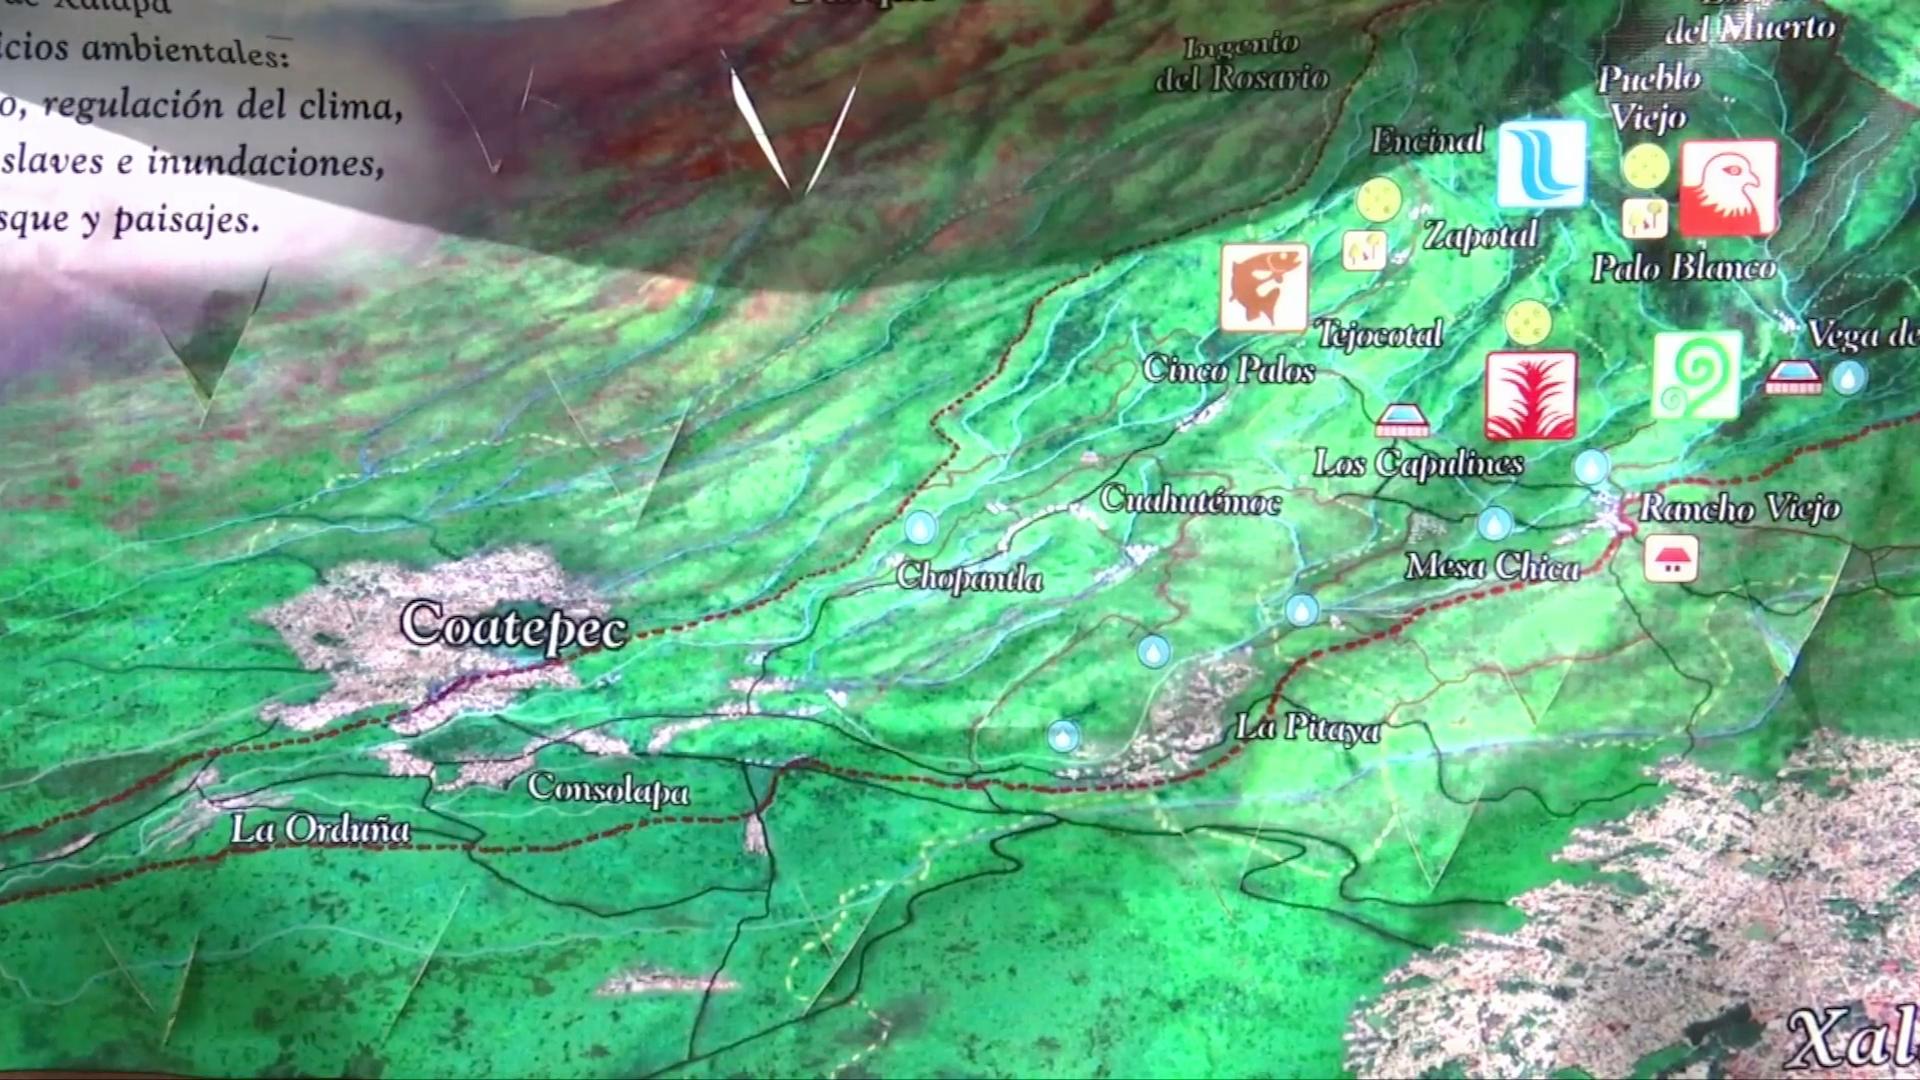 Los agroquímicos podrían contaminar el agua para Xalapa